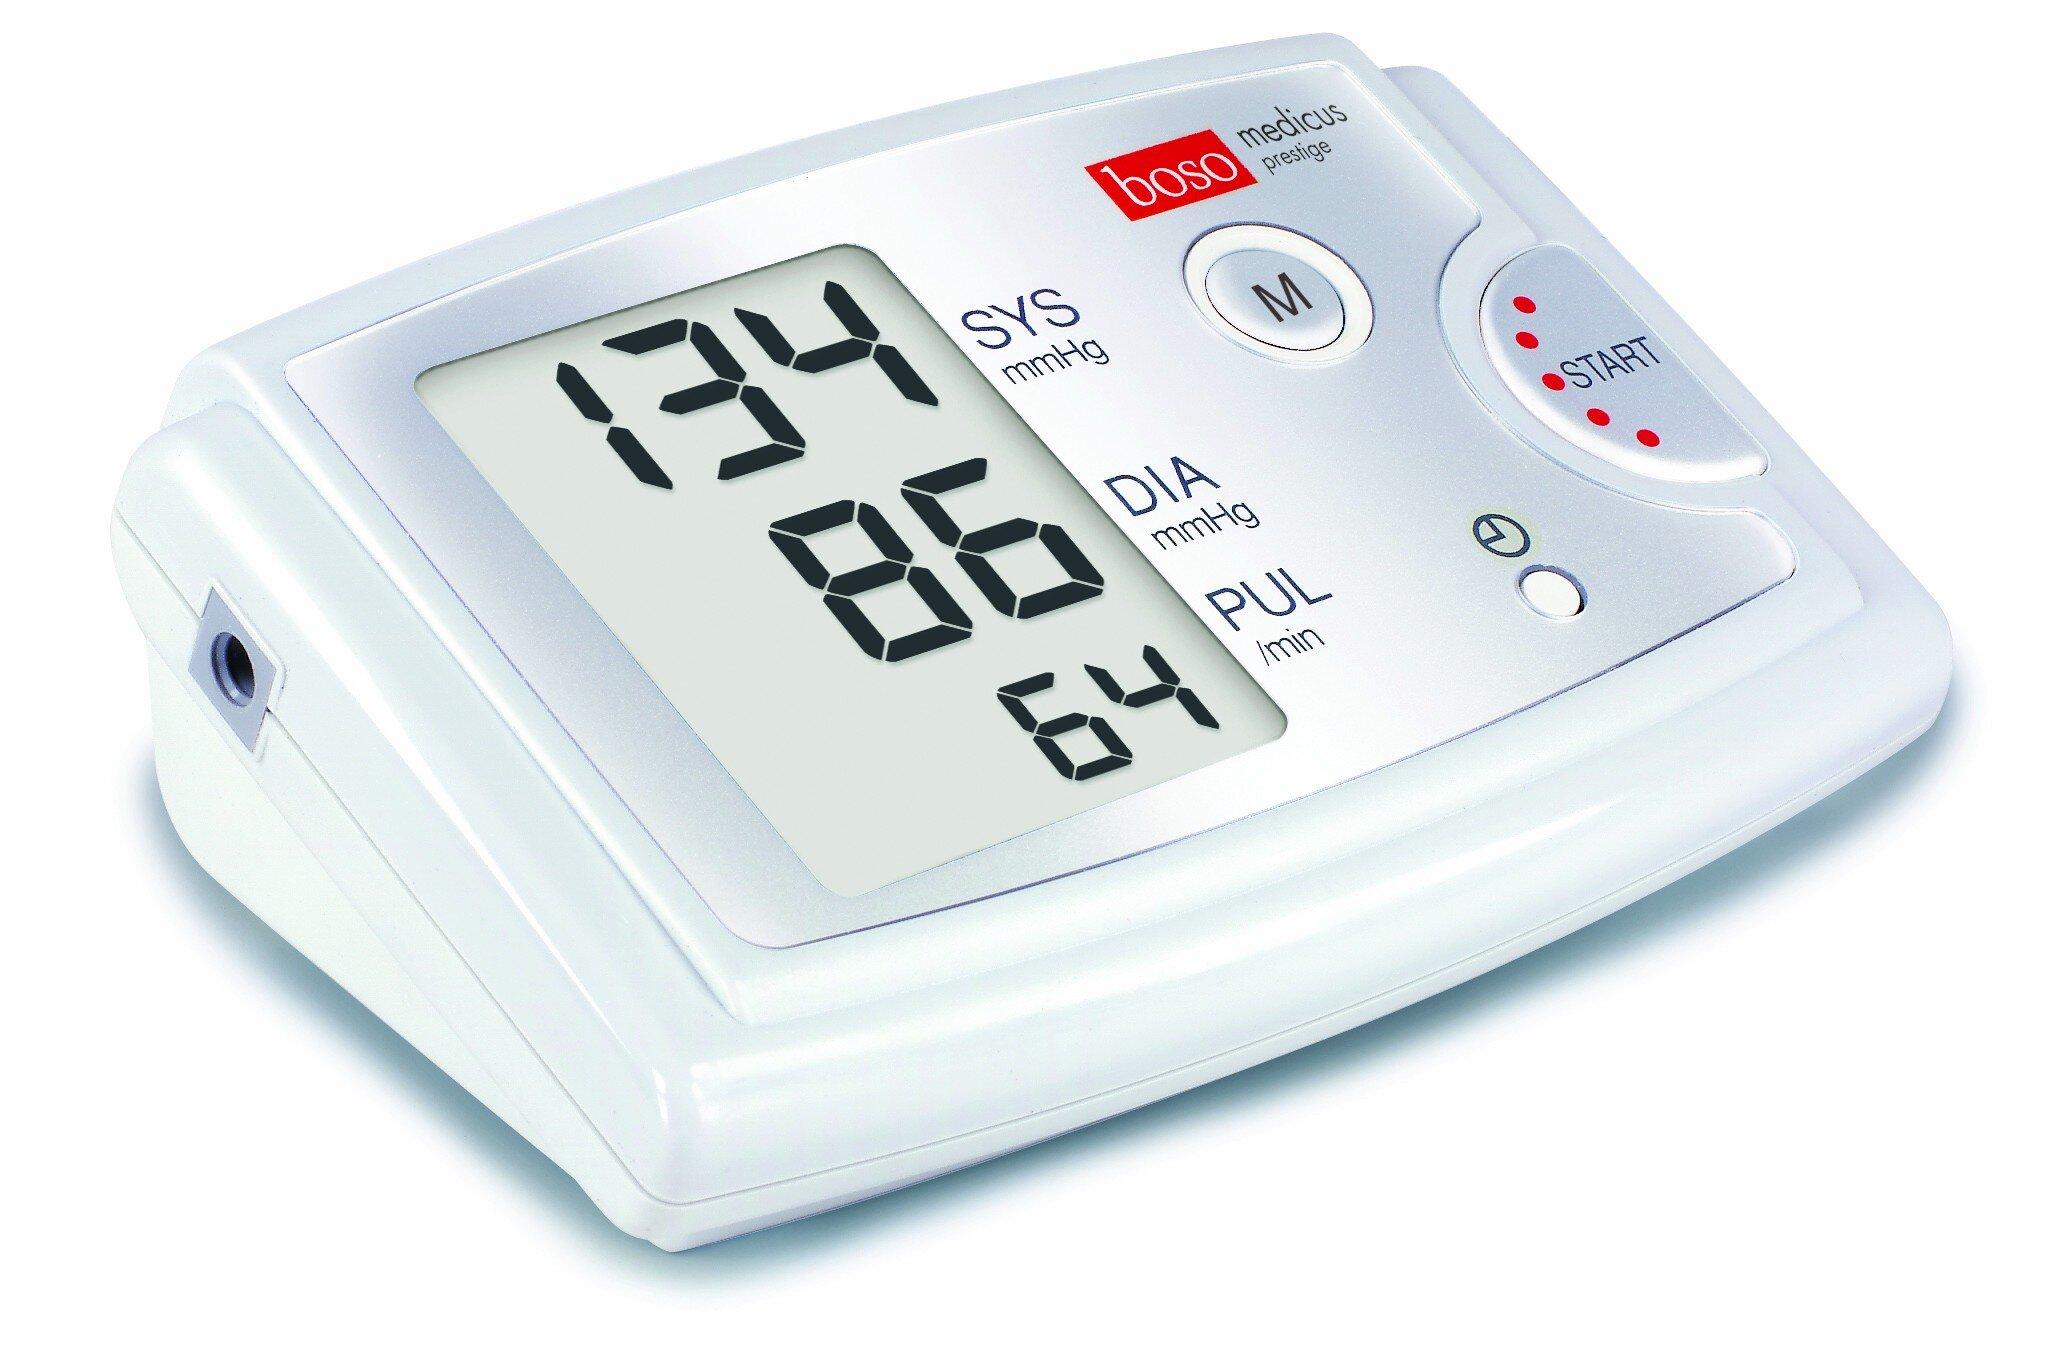 Chọn máy đo huyết áp hãng nào tốt nhất?